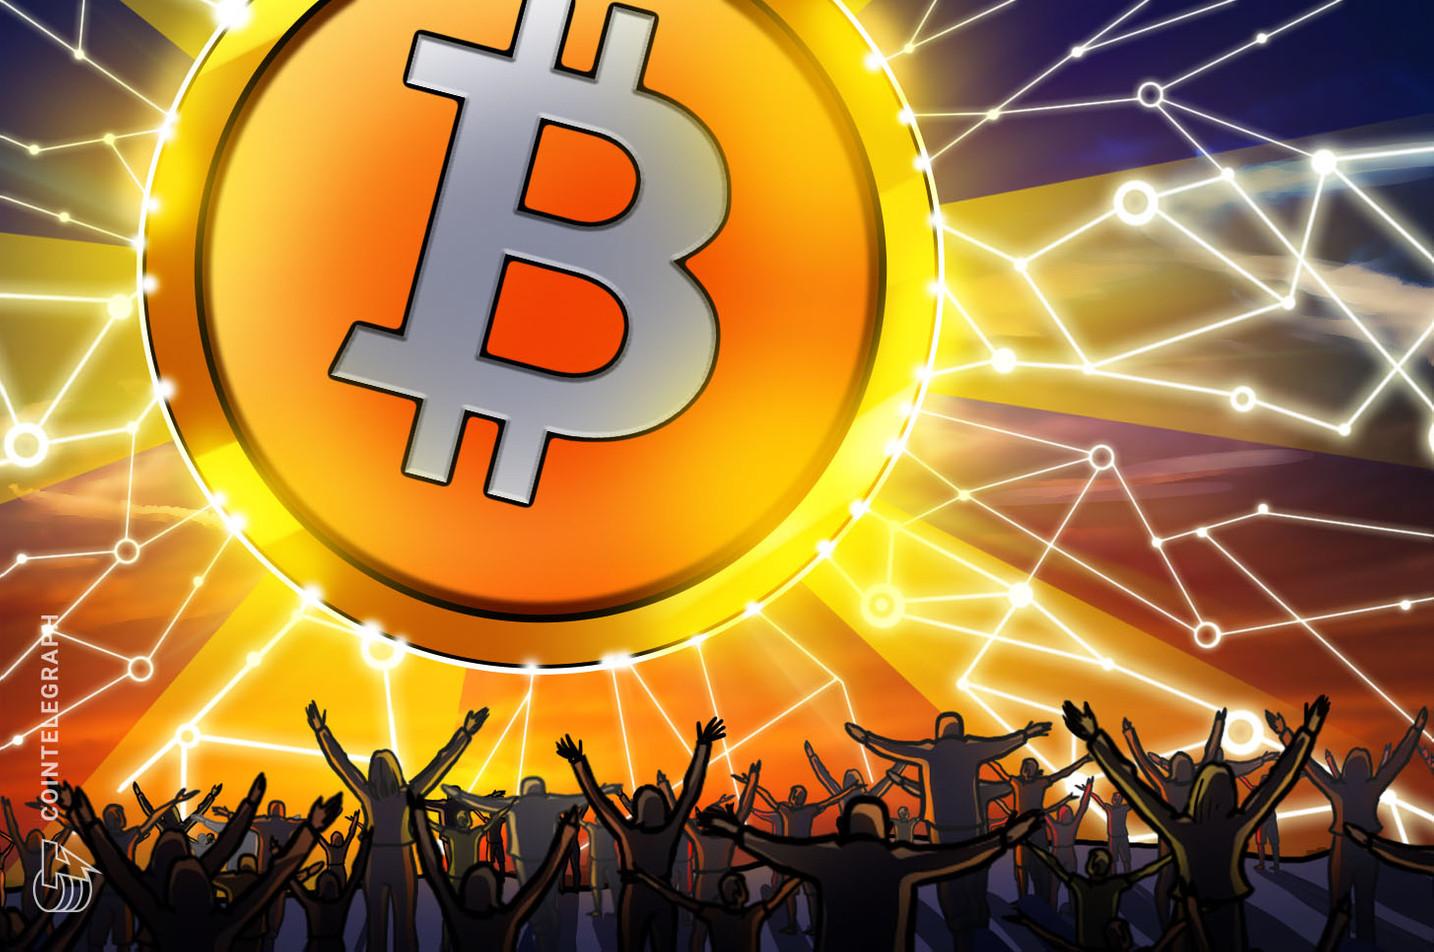 Bitcoin è il futuro, dichiara la star di YouTube KSI